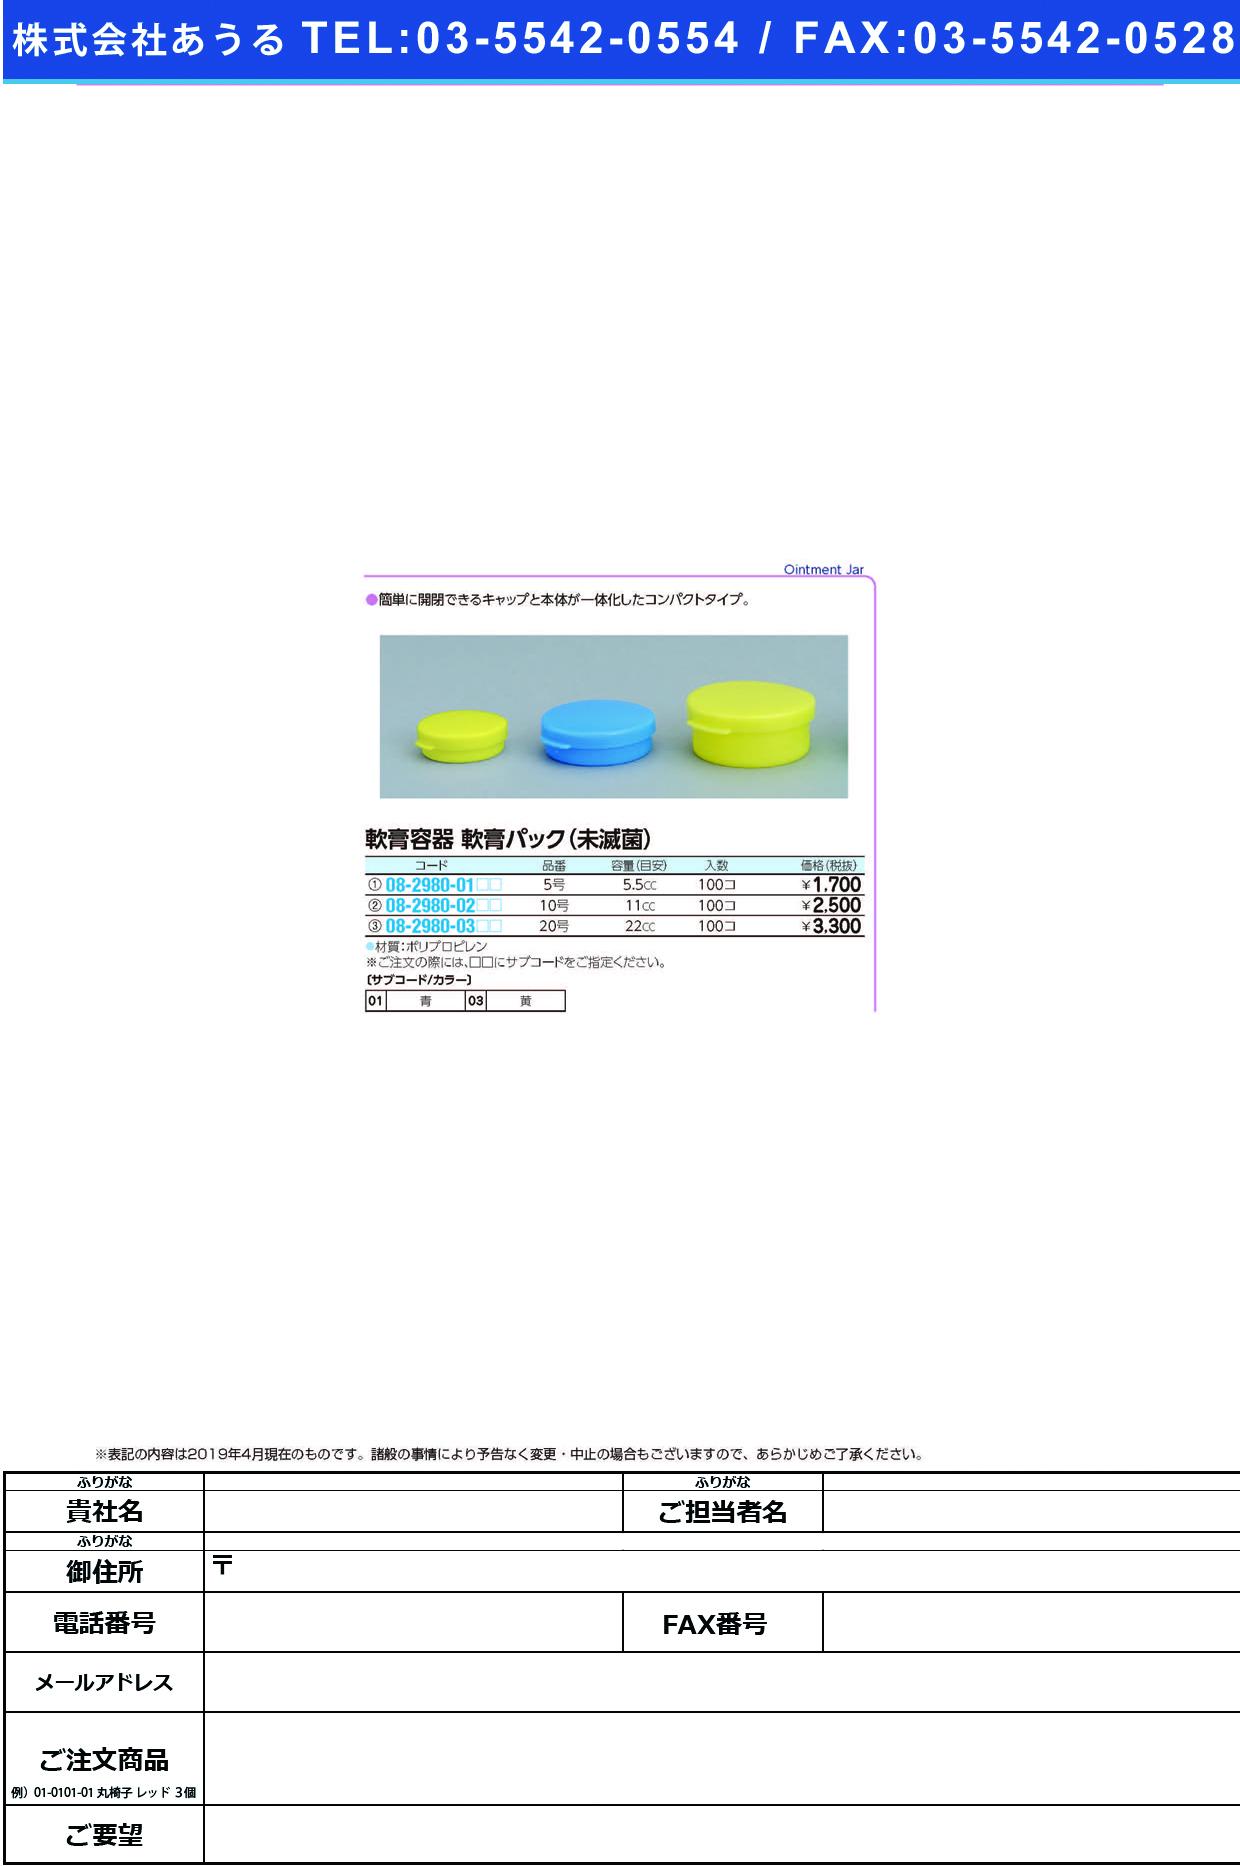 (08-2980-02)軟膏パック10号(未滅菌) 11CC(100コイリ) ナンコウパック10ゴウ(ミメッキン) 青(エムアイケミカル)【1箱単位】【2019年カタログ商品】